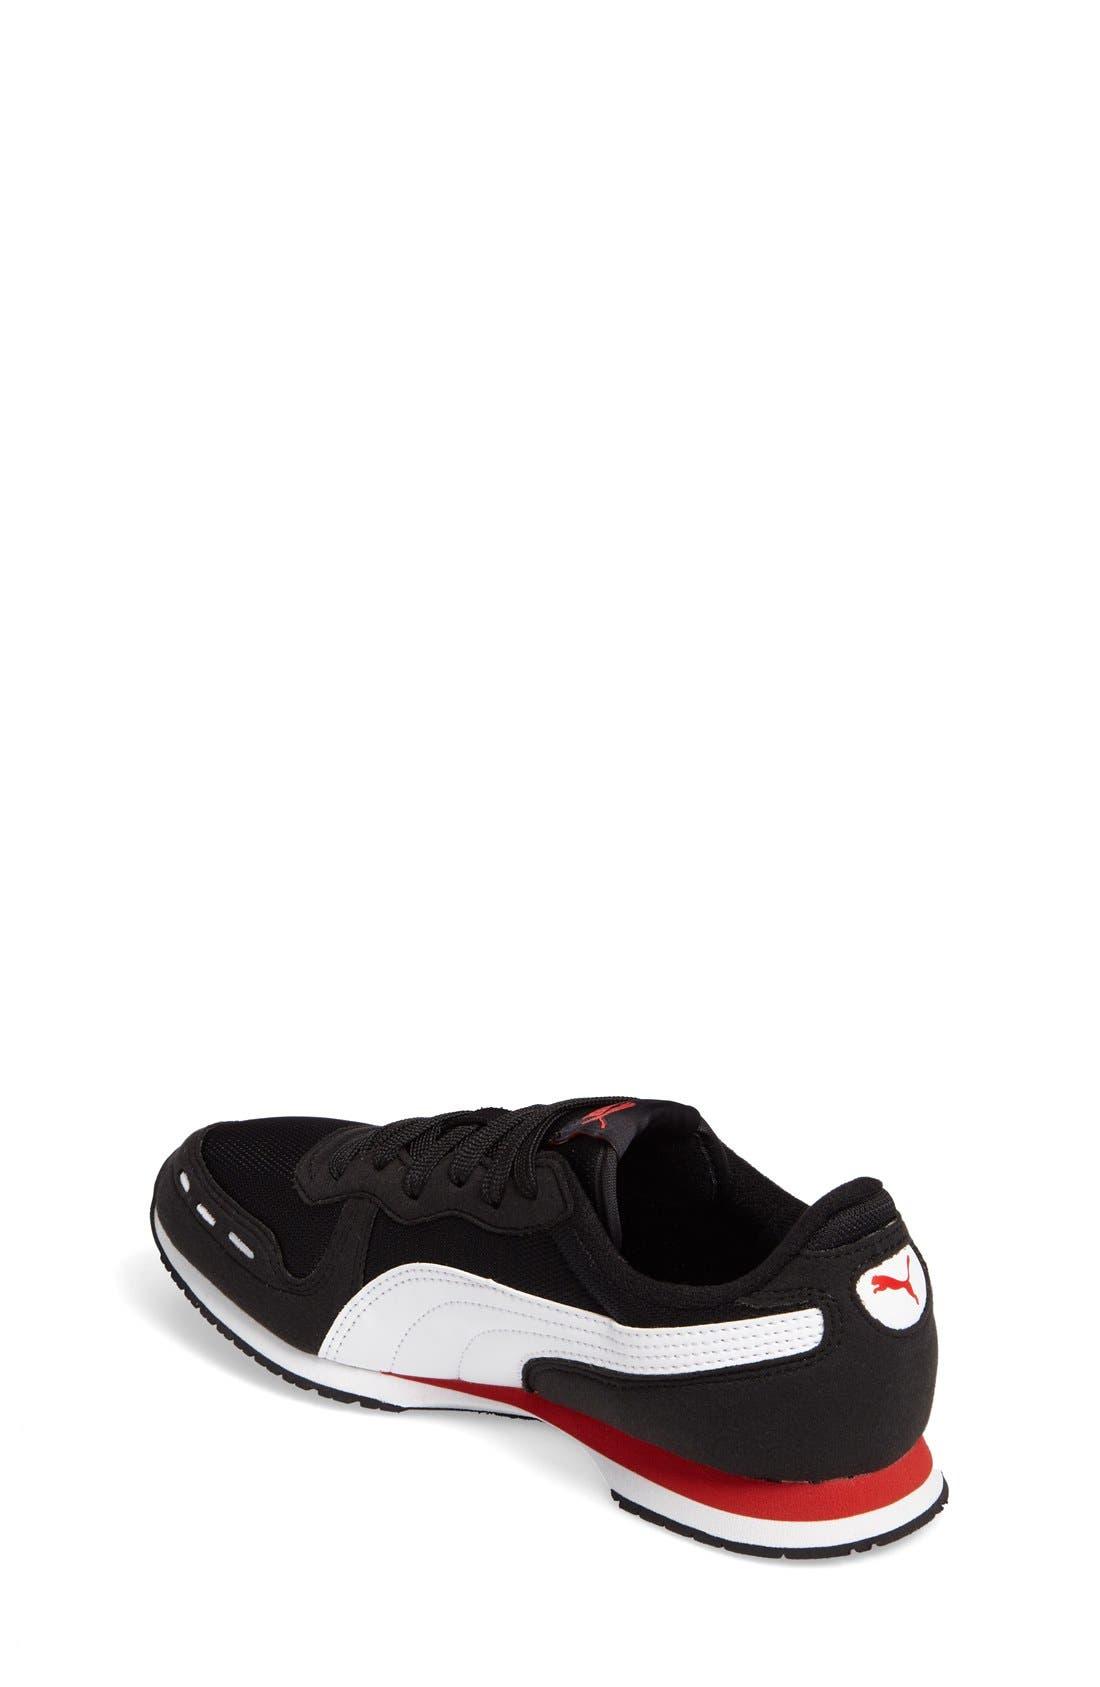 Cabana Racer Sneaker,                             Alternate thumbnail 5, color,                             001